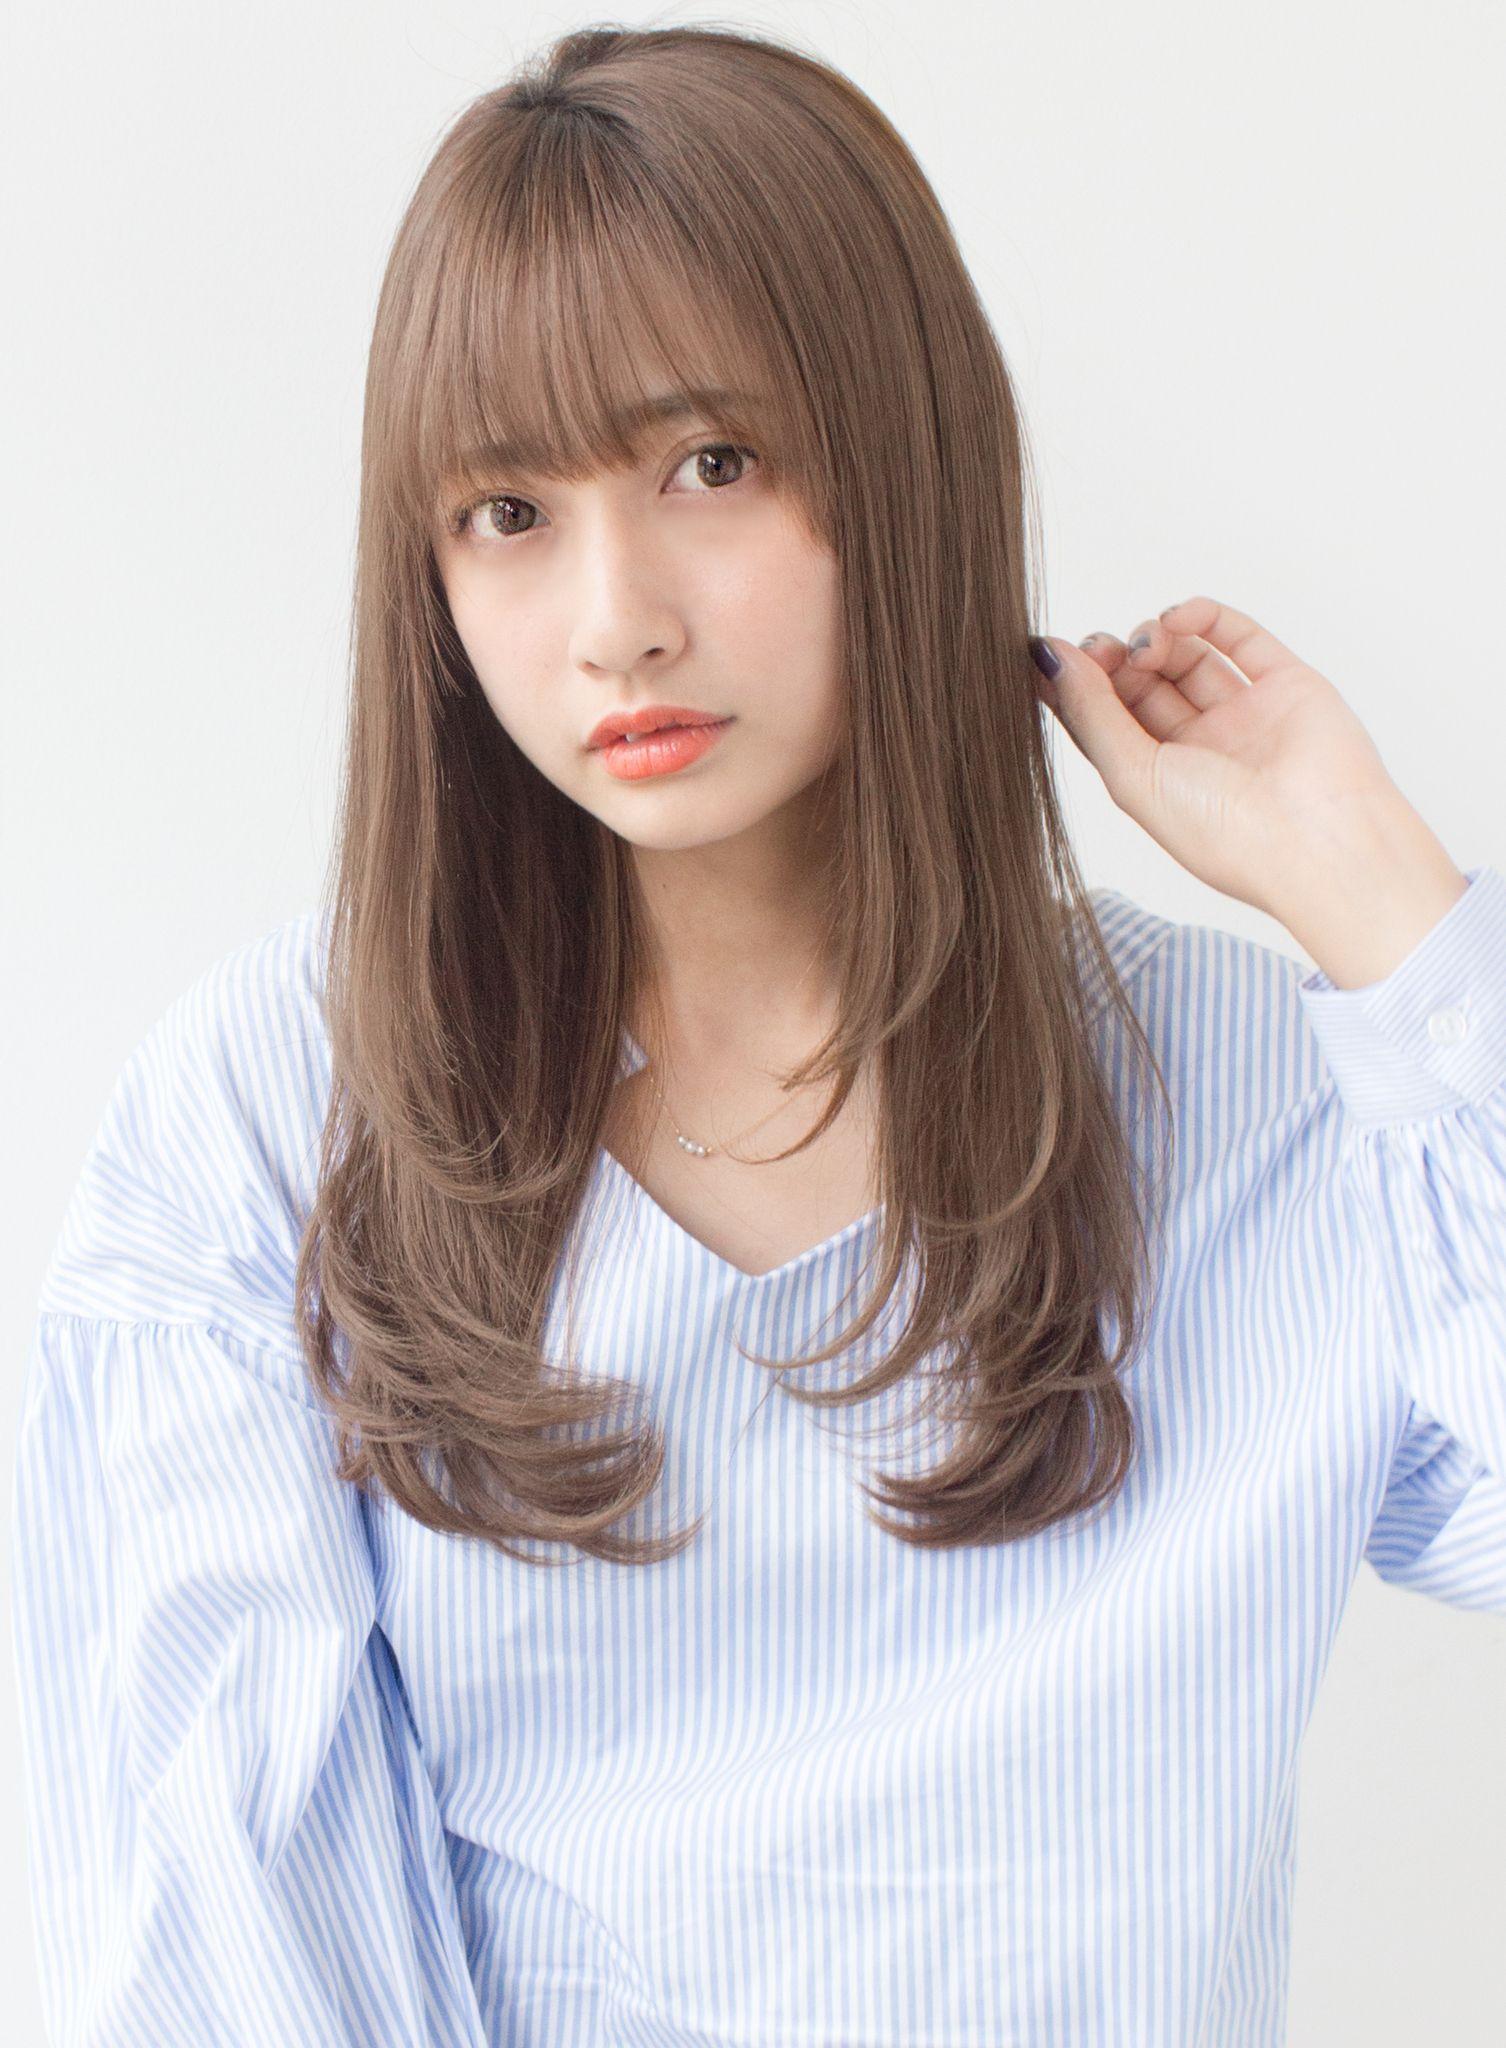 大人かわいいさらさらロングストレート Afloat Japan Https Www Beauty Navi Com Style Detail 79243 Pinterest Hairstyle 髪型 髪形 ヘアスタイル セミロング セミディ Semilong S ヘアスタイル 髪型 髪型 ロング